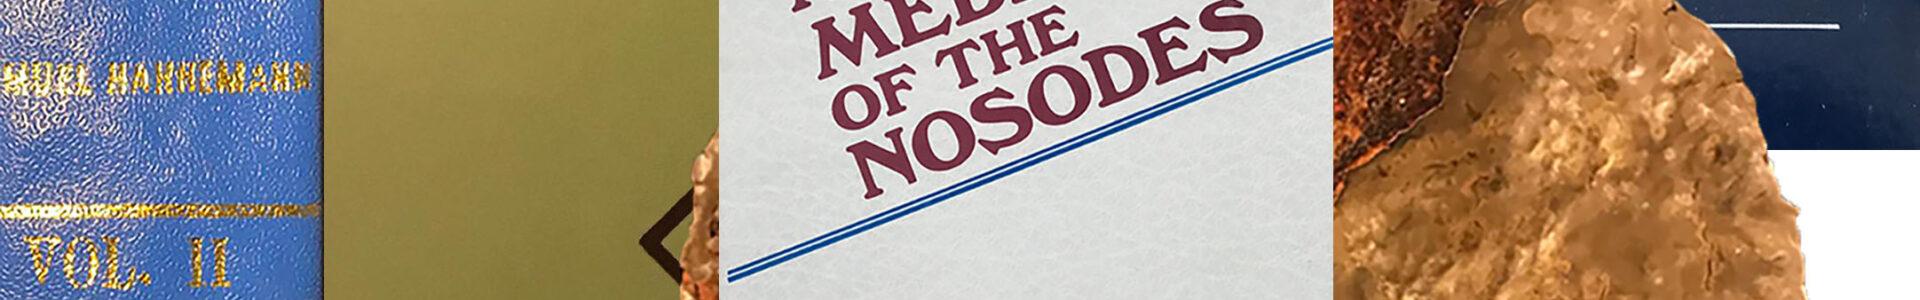 Vuelven los Nosodes….clásicos